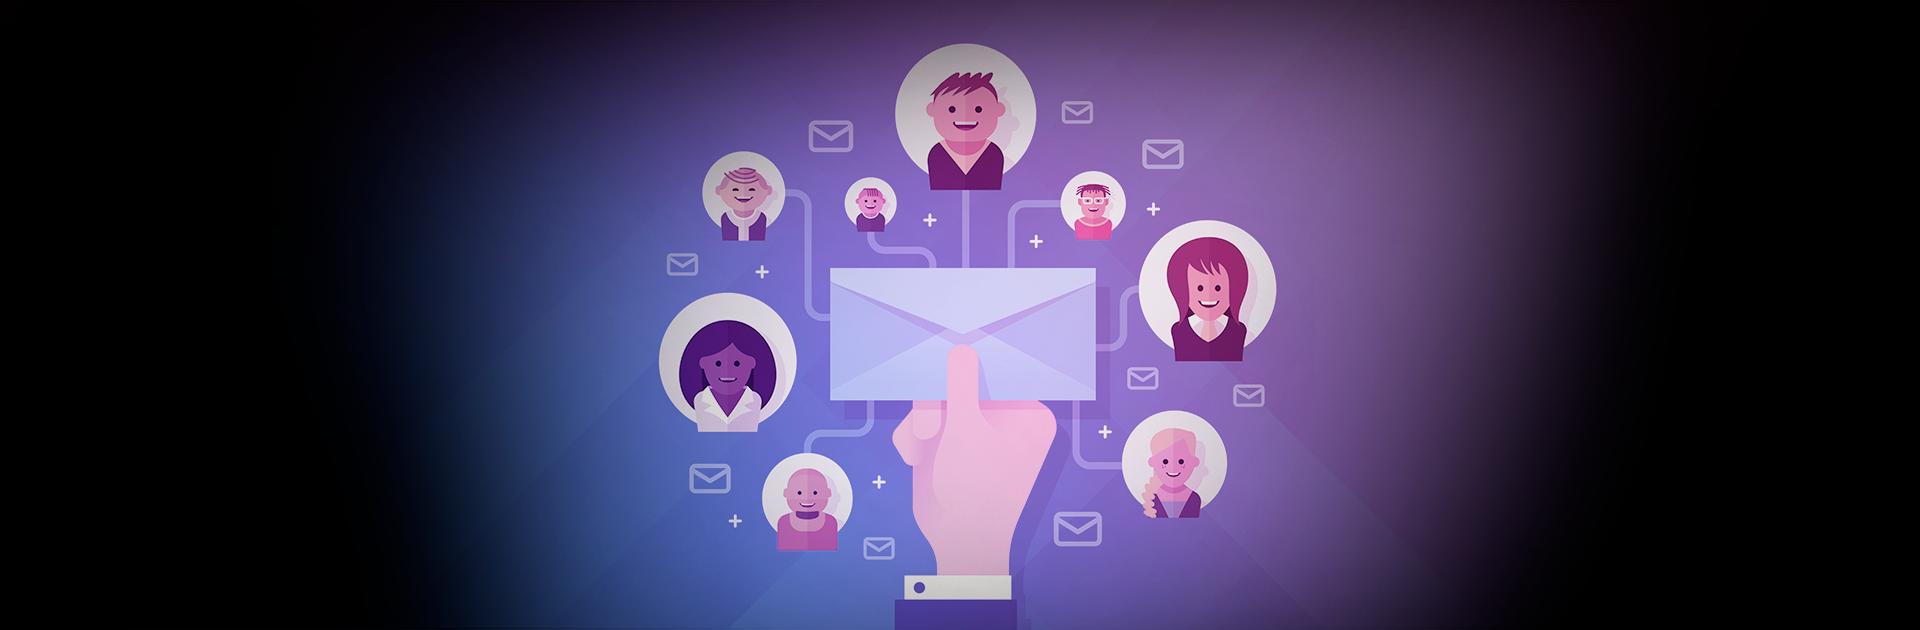 Email marketing ainda é o melhor canal de relacionamento?